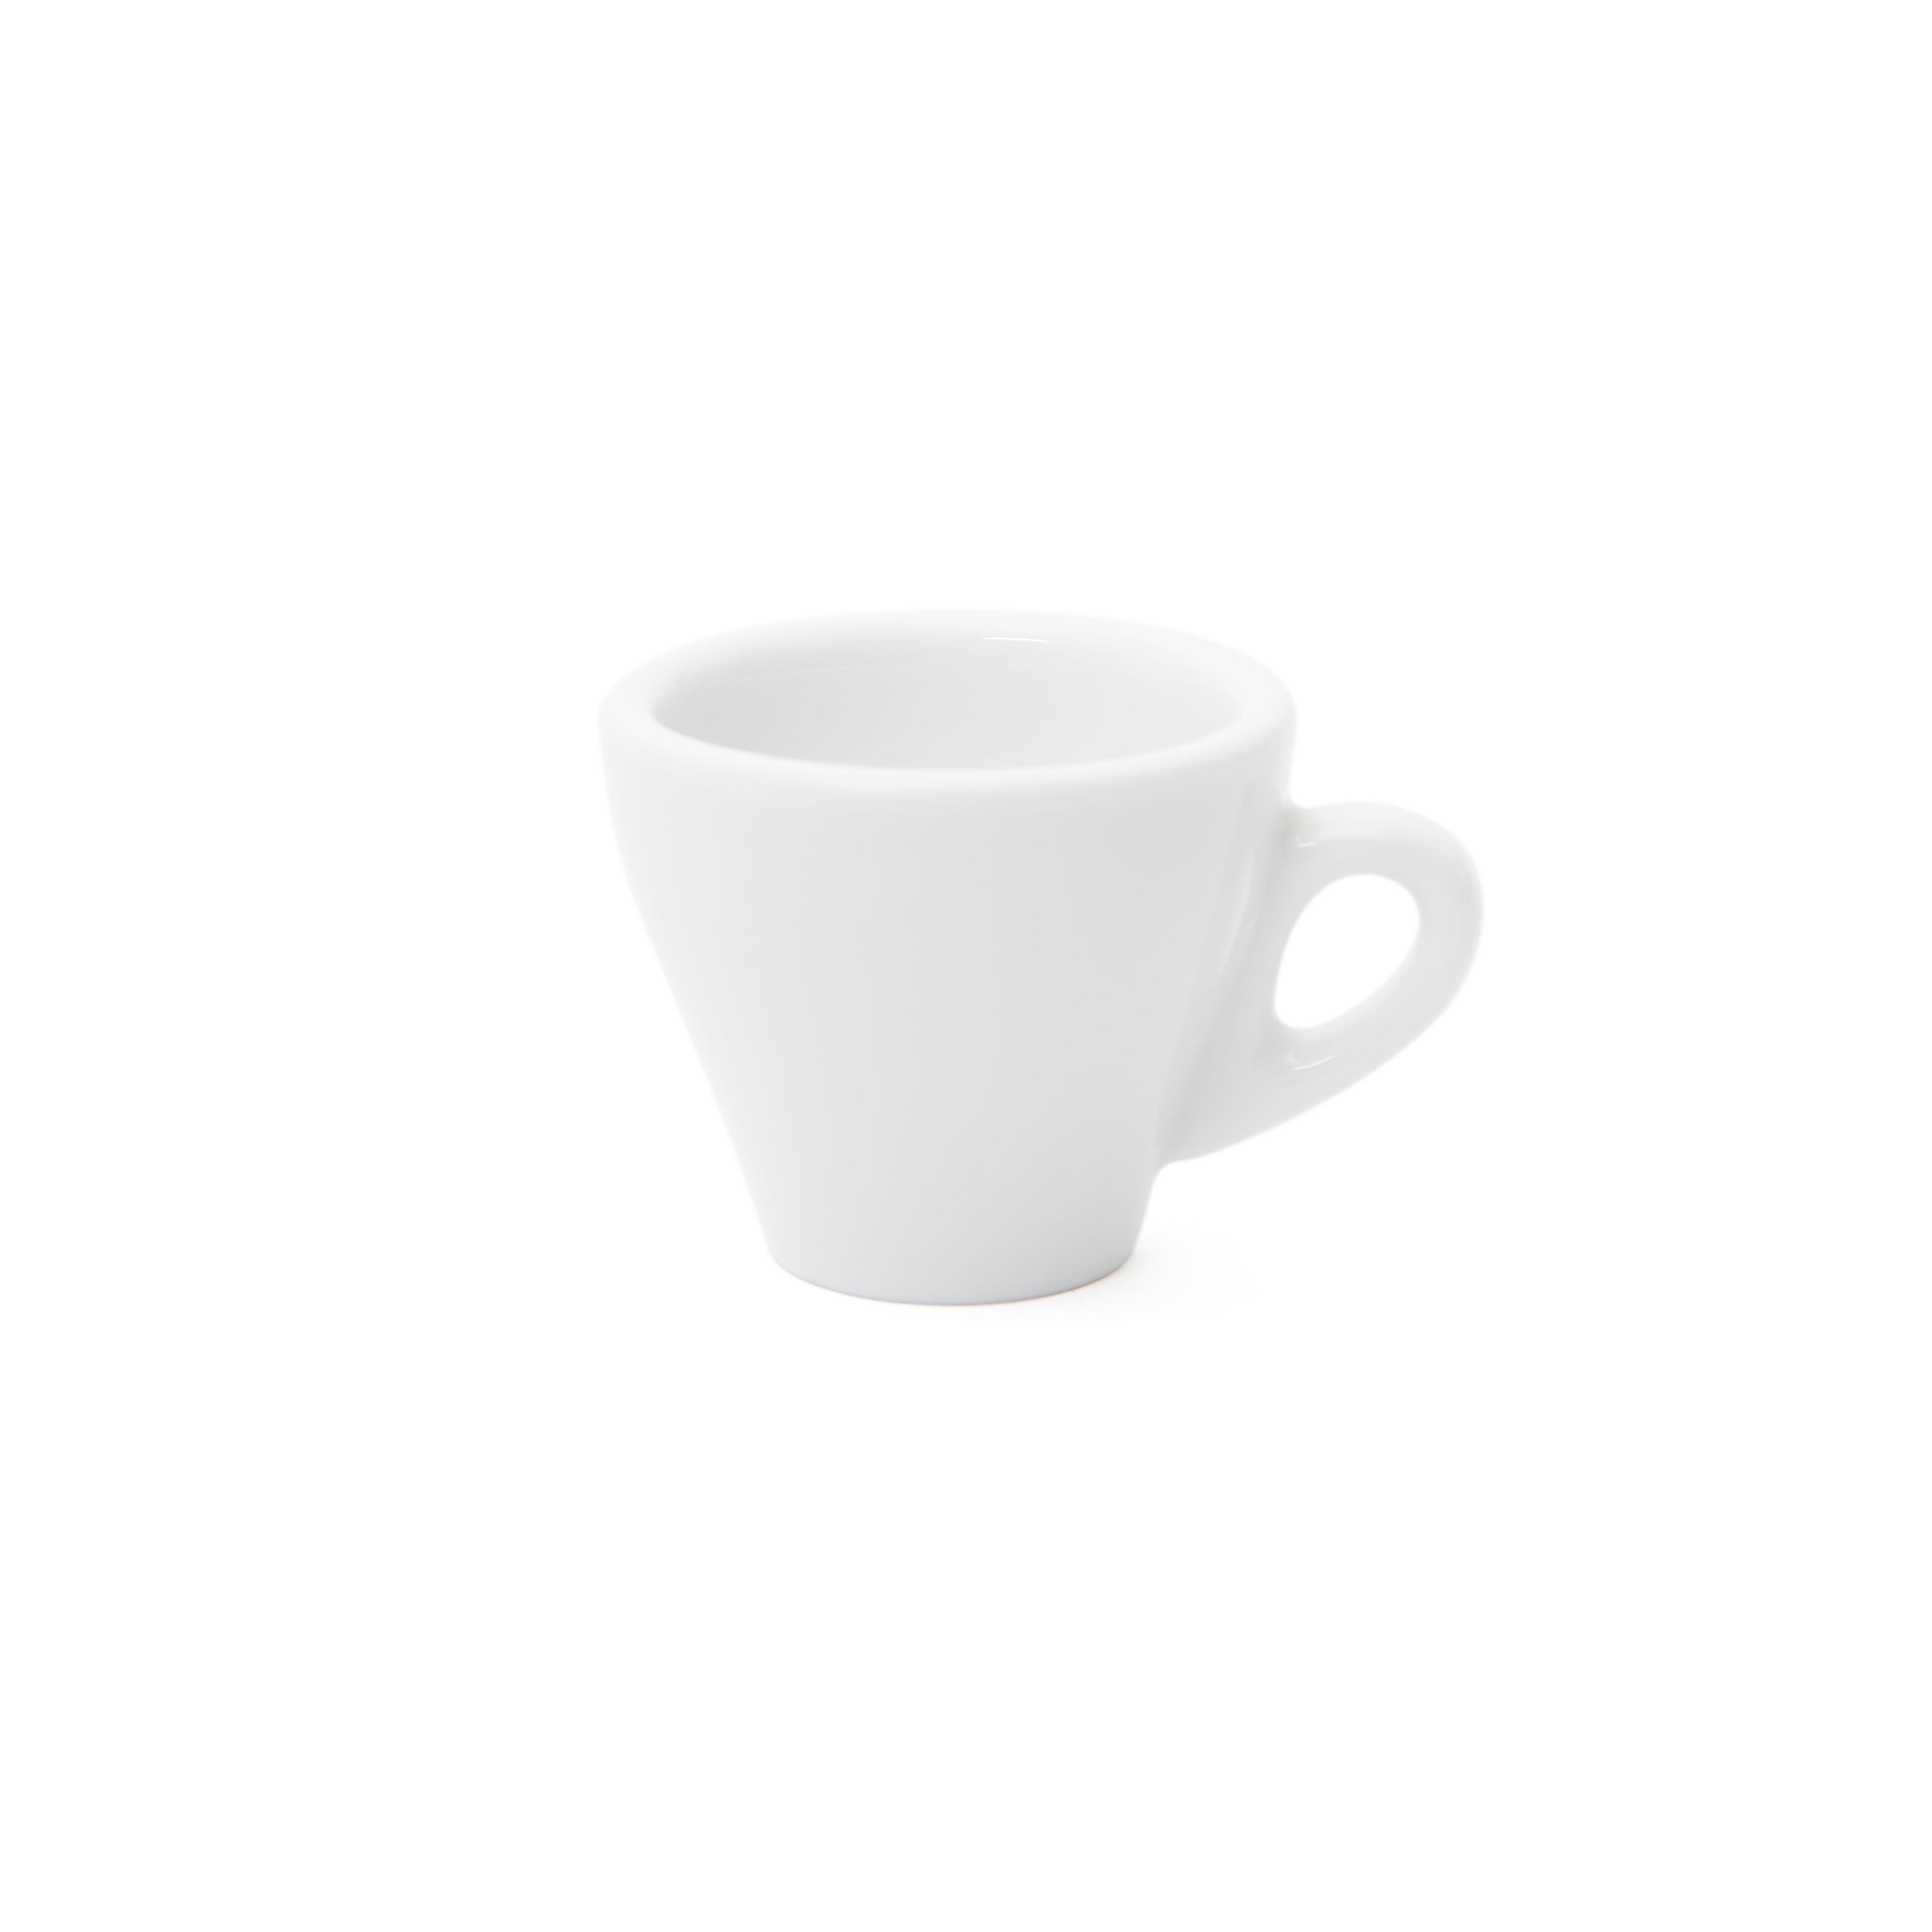 Torino espresso cup